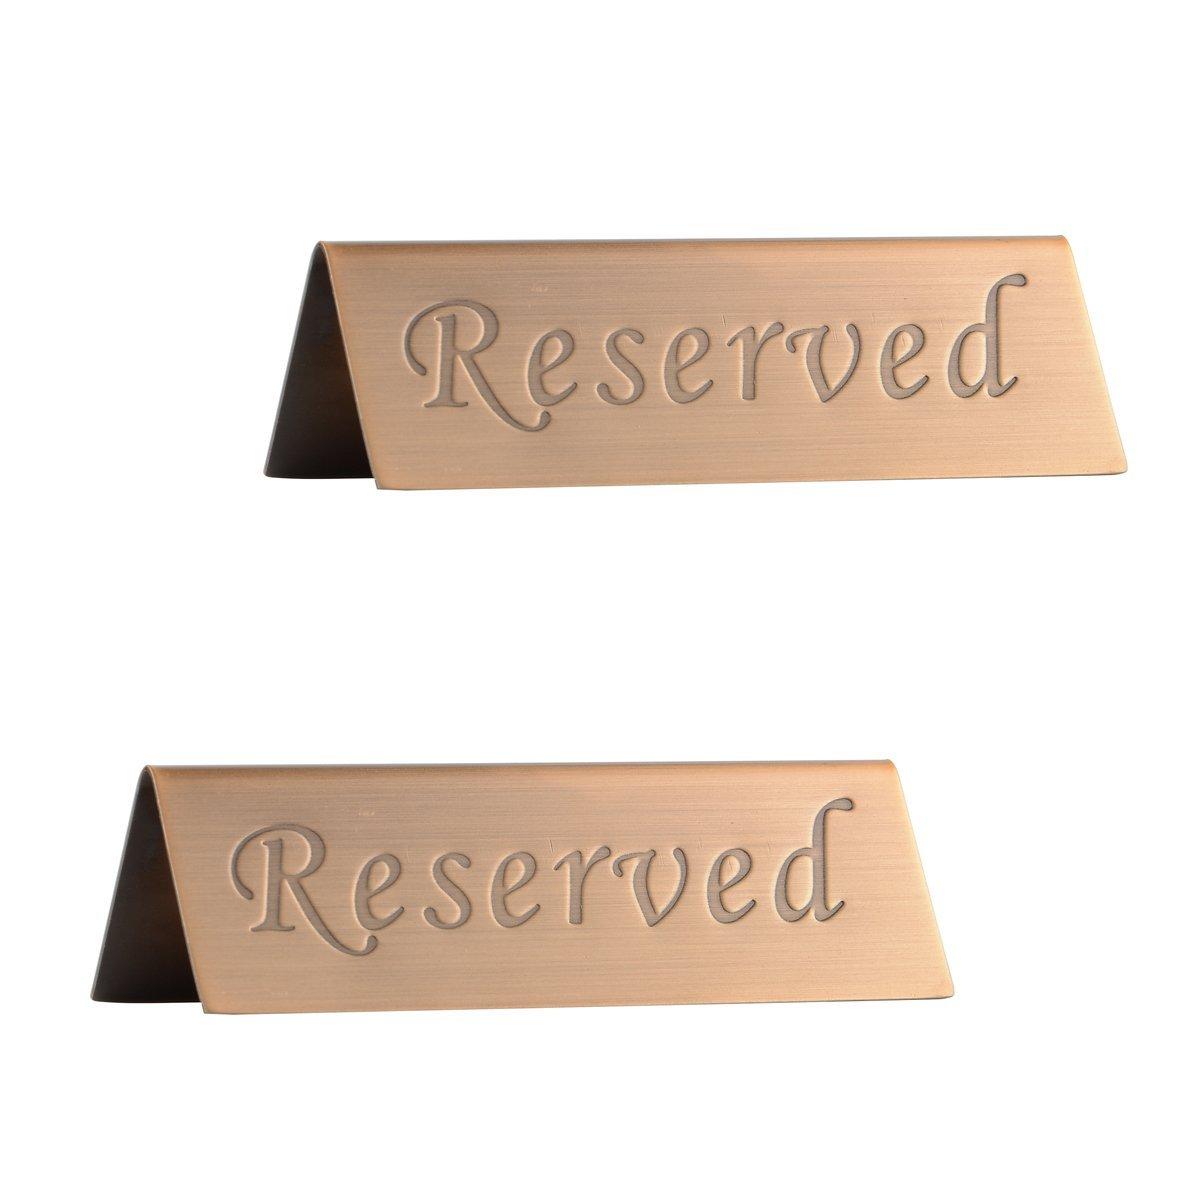 Reservedサイン – BrushedステンレススチールFree Standingテーブルトップコンプライアンスサイン – 両面 – 4.7 by 1.6インチ – のセット2 S ゴールド OKO-RDS-0730-JJ24A  Copper(2Pcs/Pack) B07G125F83